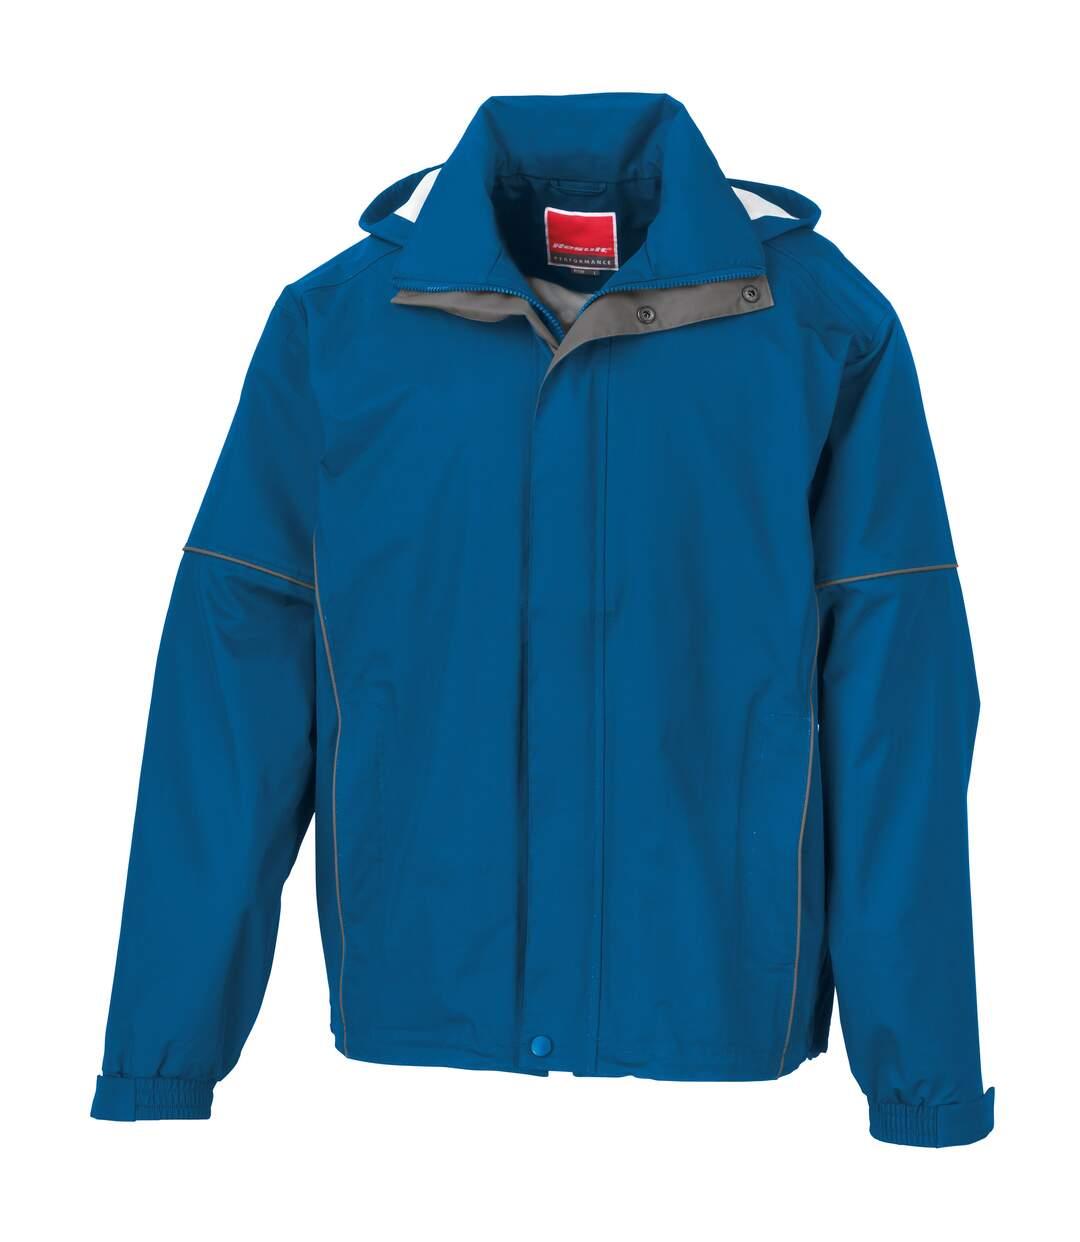 Result Mens Urban Outdoor Lightweight Technical Jacket (Waterproof & Windproof) (Royal) - UTRW3244